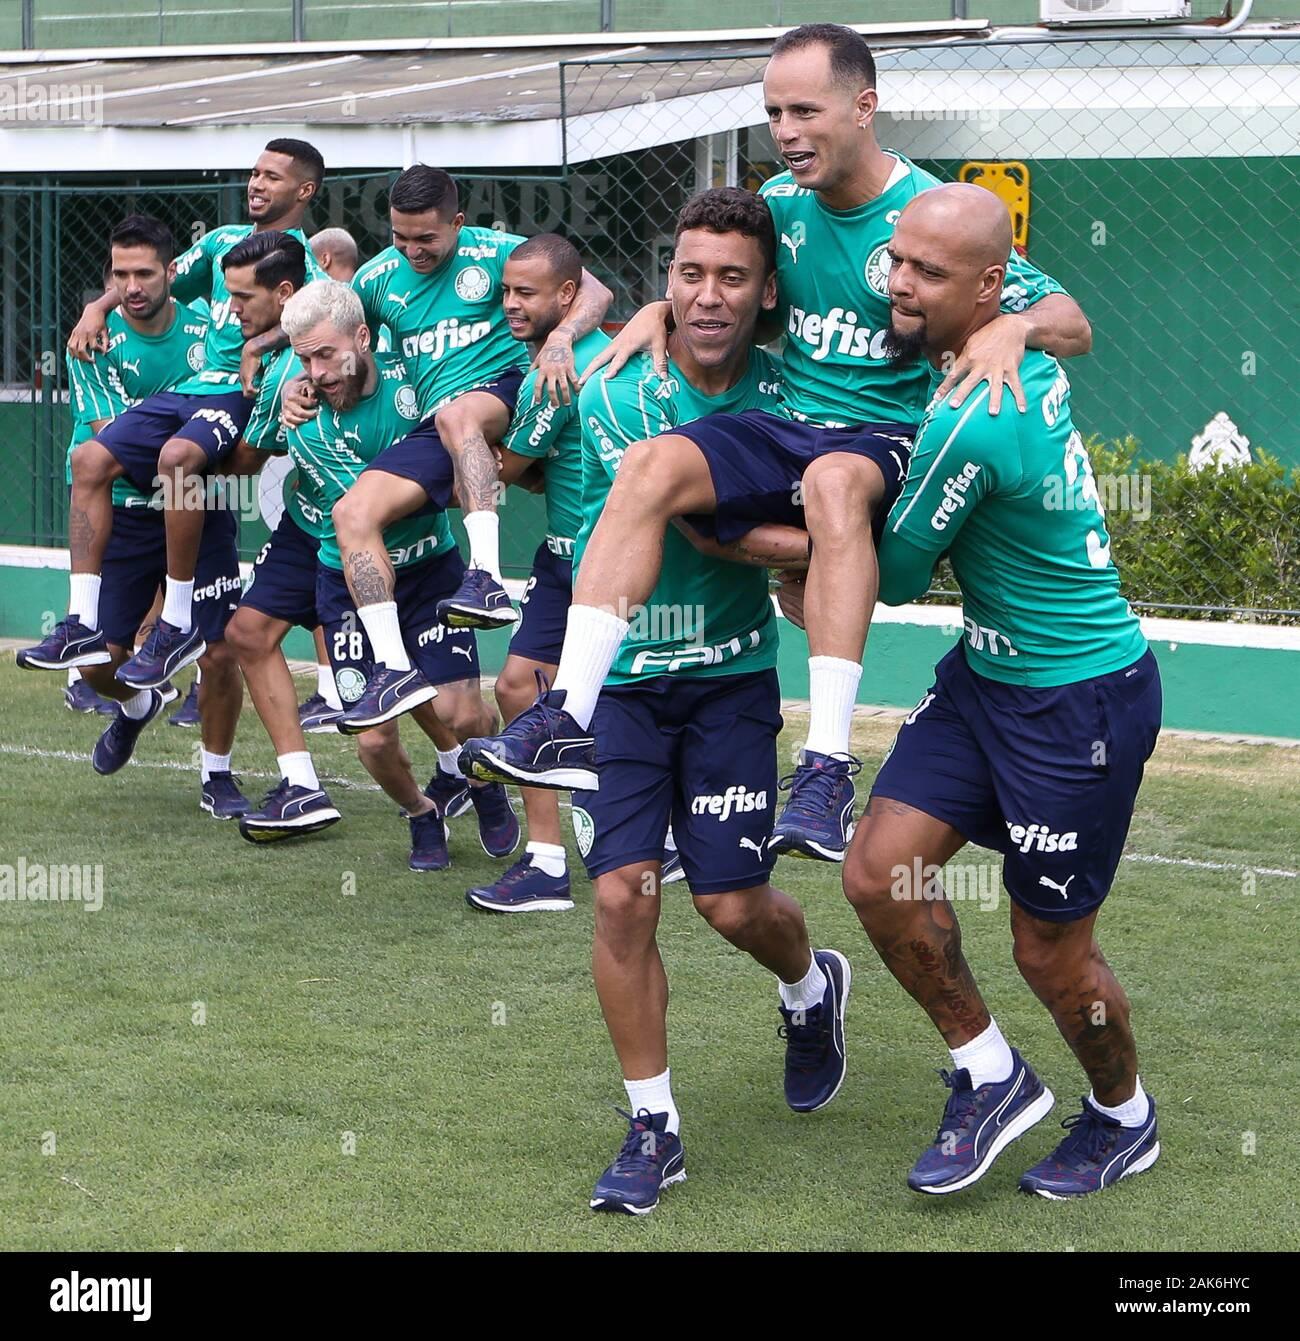 SÃO PAULO, SP - 07.01.2020: TREINO DO PALMEIRAS - The SE Palmeiras players during training at the Football Academy. (Photo: Cesar Greco/Fotoarena) Stock Photo